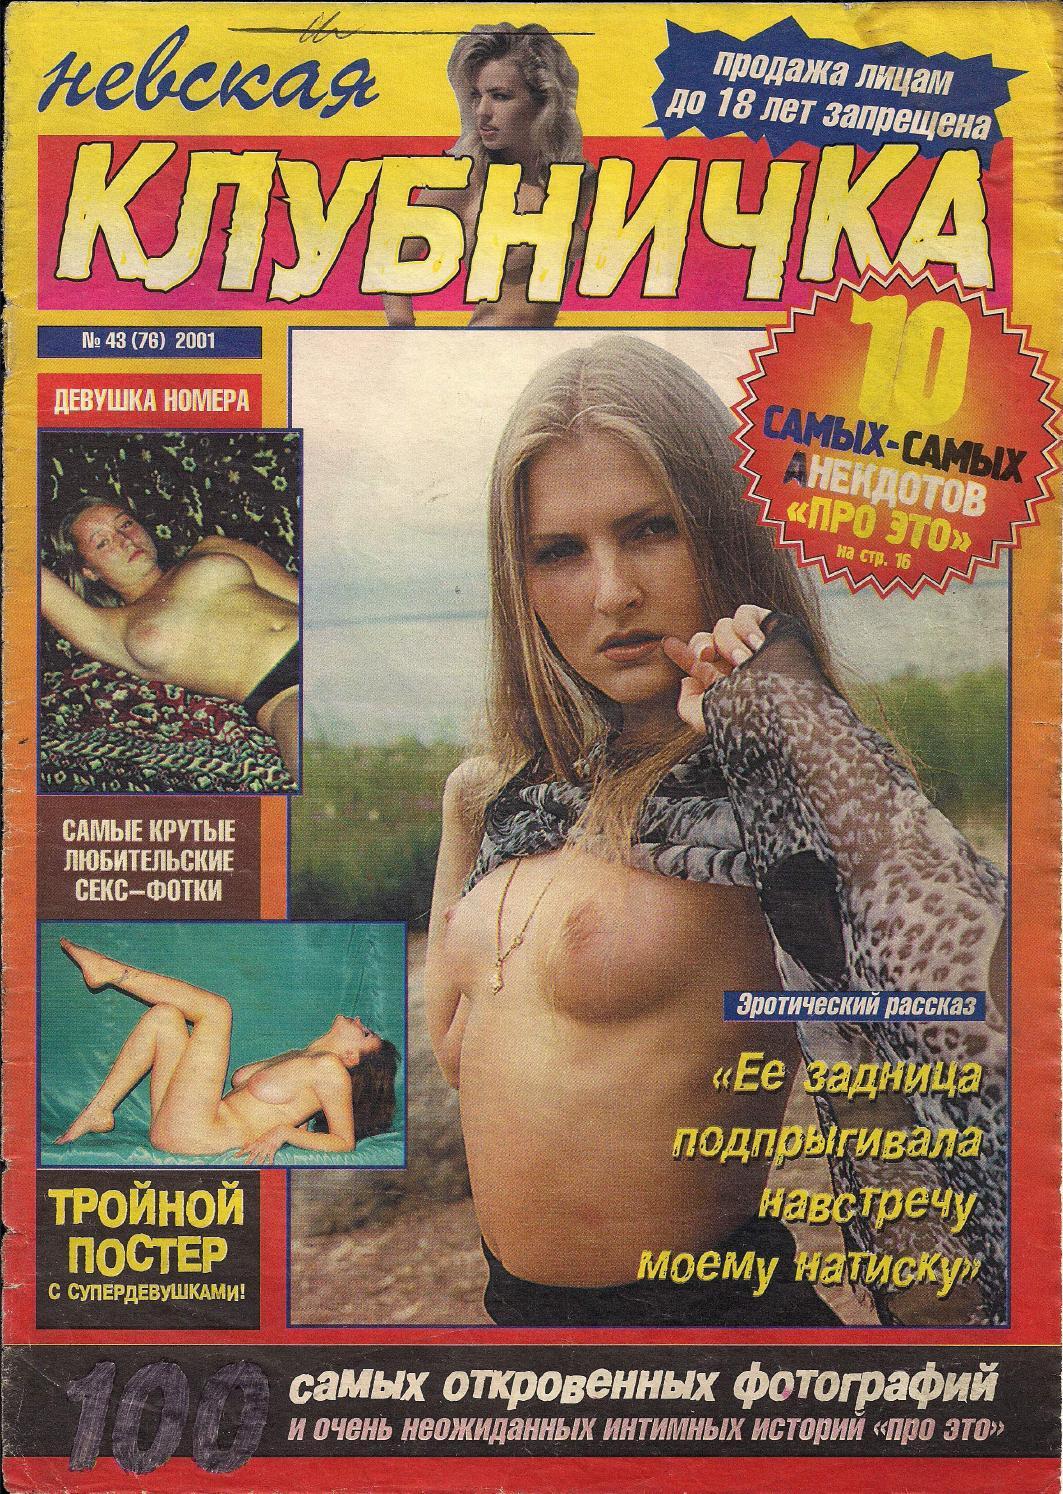 moey-porno-foto-zhurnal-klubnichka-analnoy-probkoy